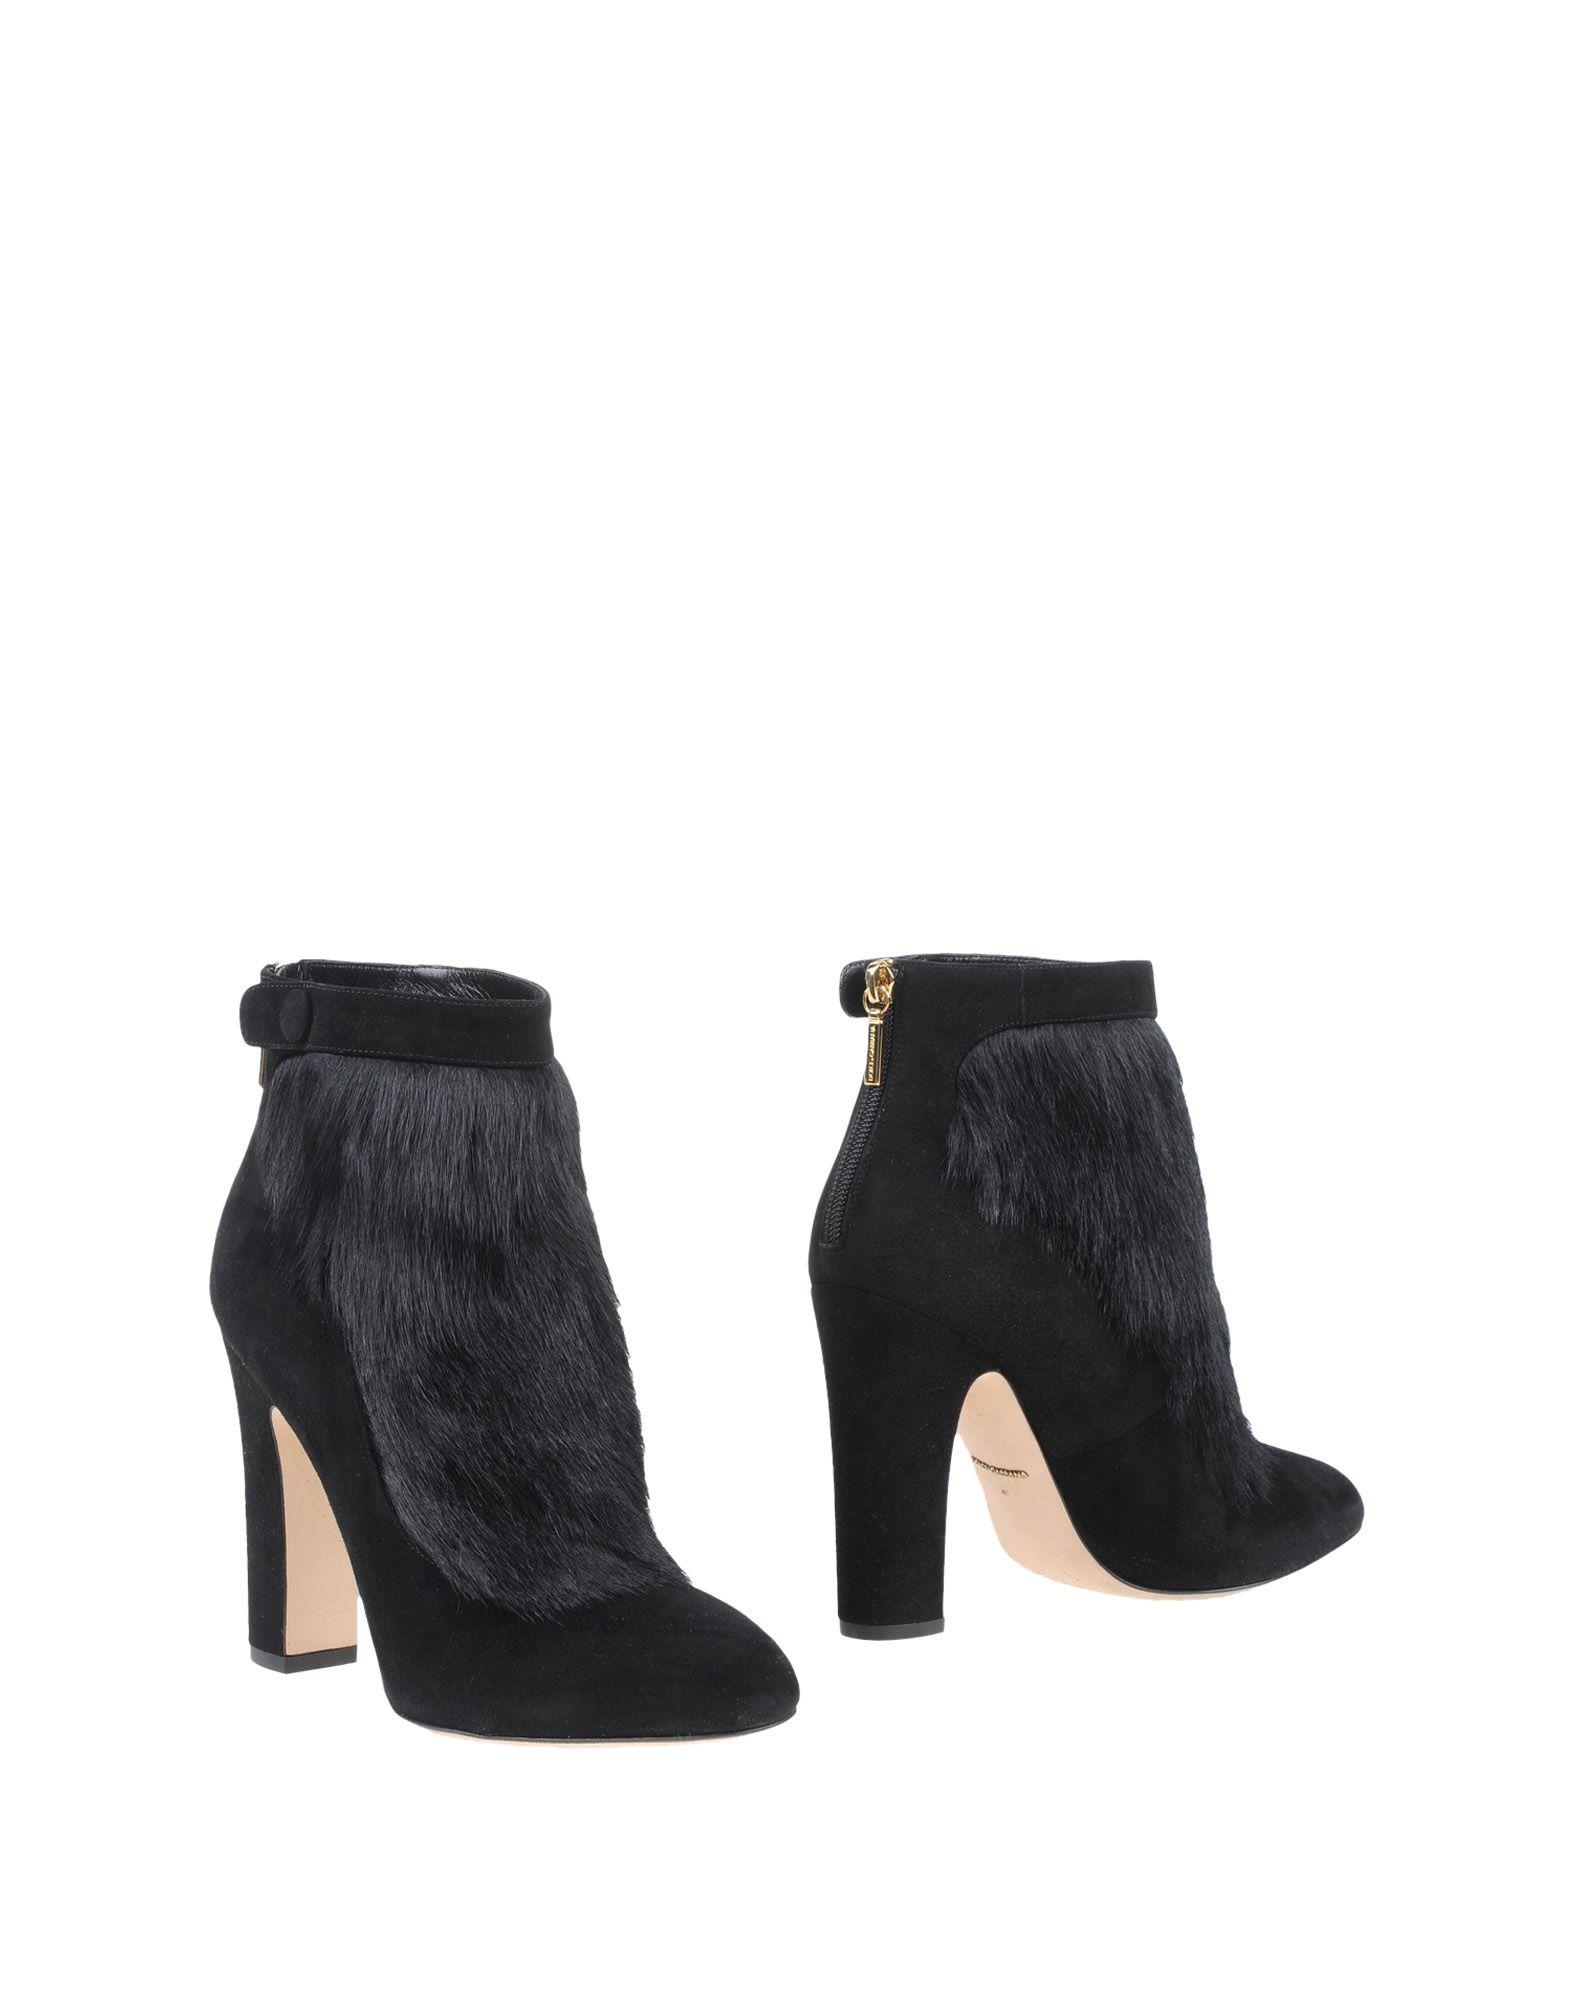 Stivaletti Dolce & Gabbana Donna - 11037930OM